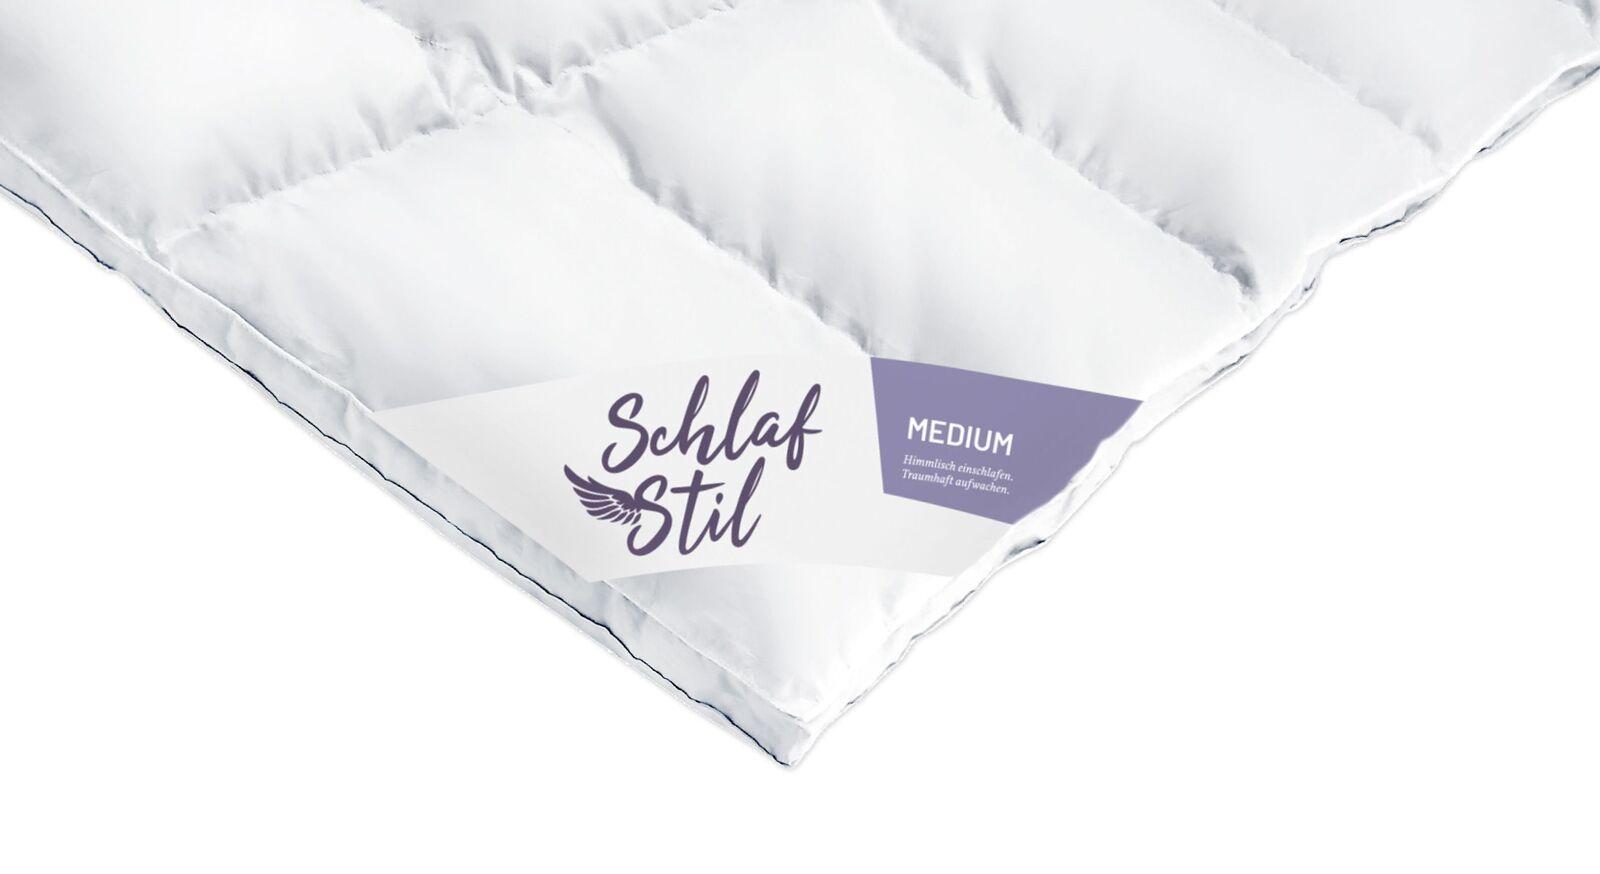 SCHLAFSTIL Eiderdaunen-Bettdecke D1000 medium als praktischer Alleskönner